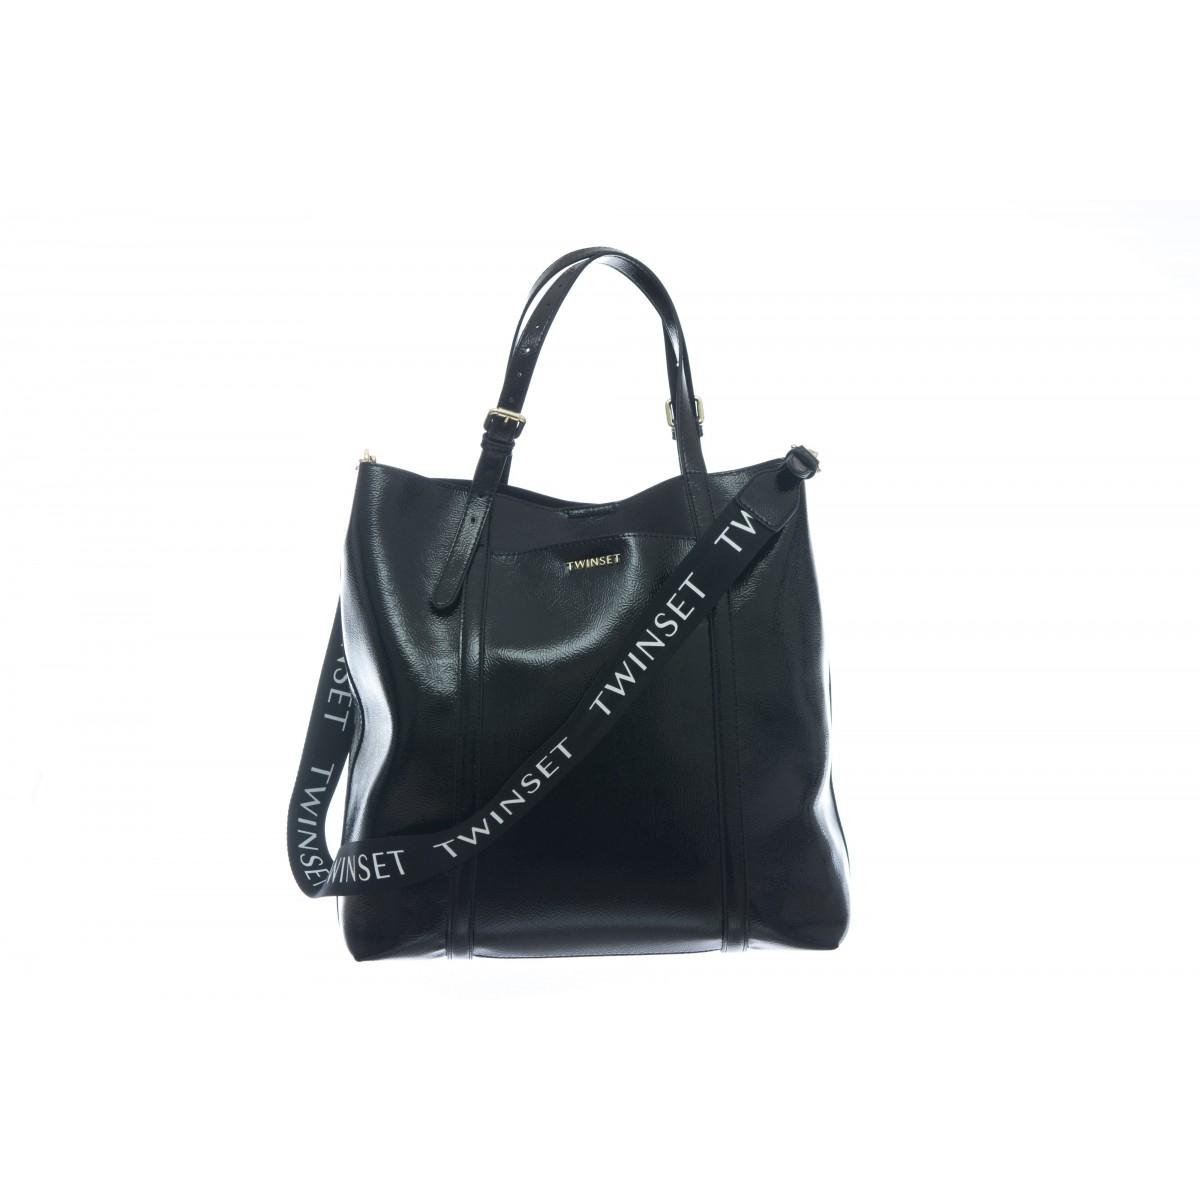 Borsa - To8151 borsa ecopelle effetto vernice tracolla logo